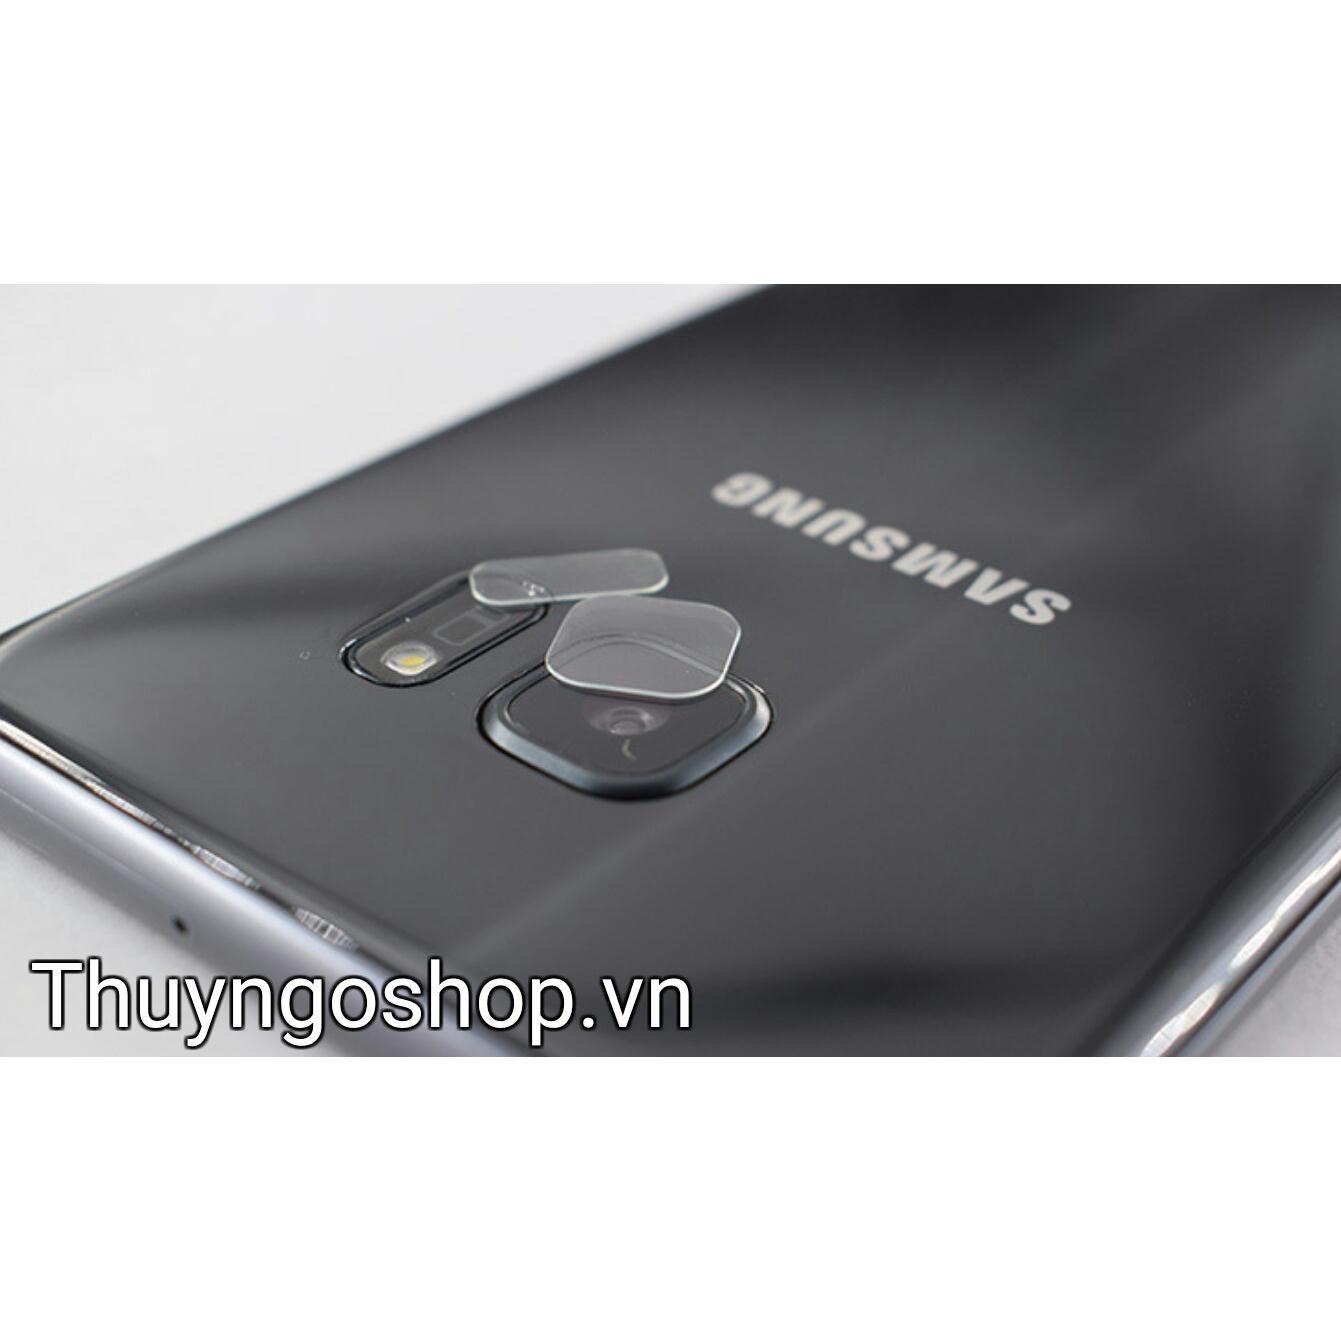 Dán bảo vệ chống trầy camera + flash Samsung S6 Edge